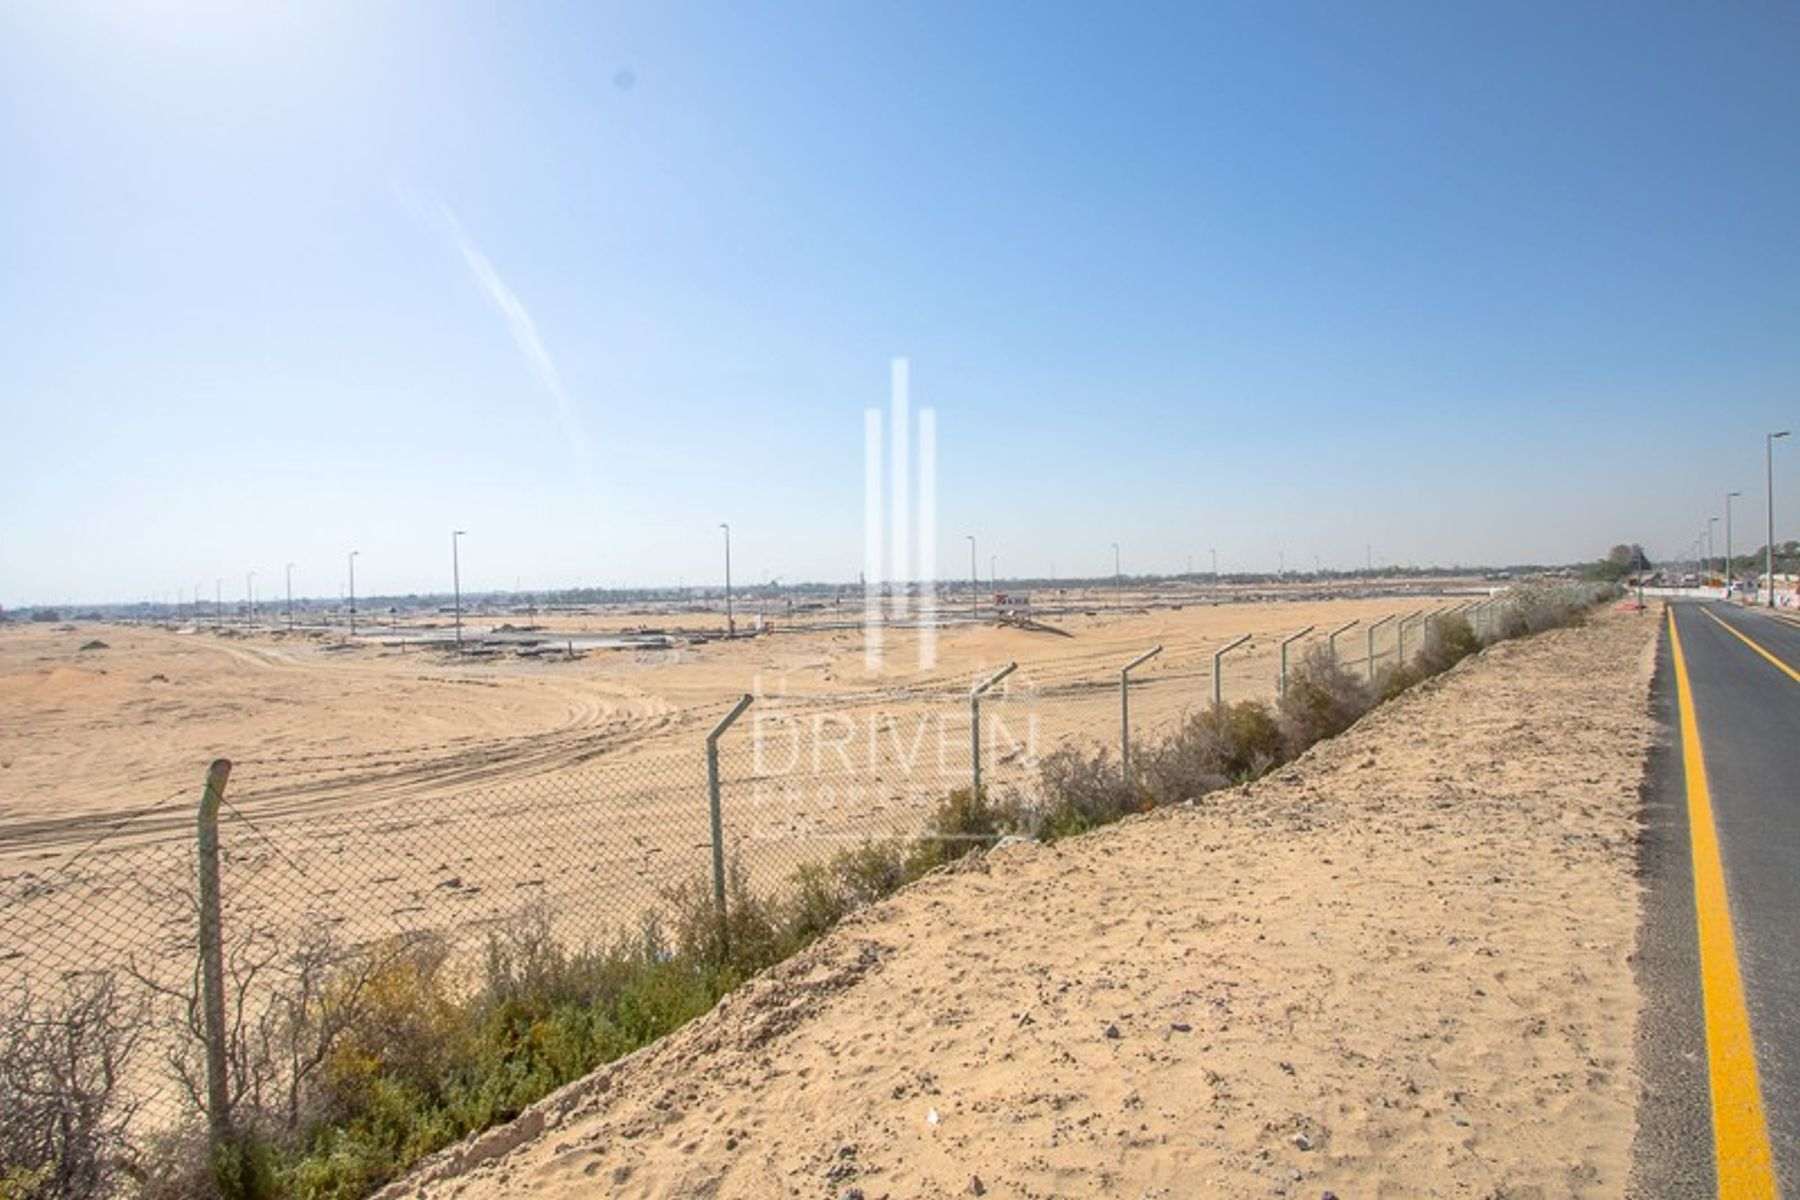 Land Residential for Sale in Al Khawaneej 2 - Al Khawaneej